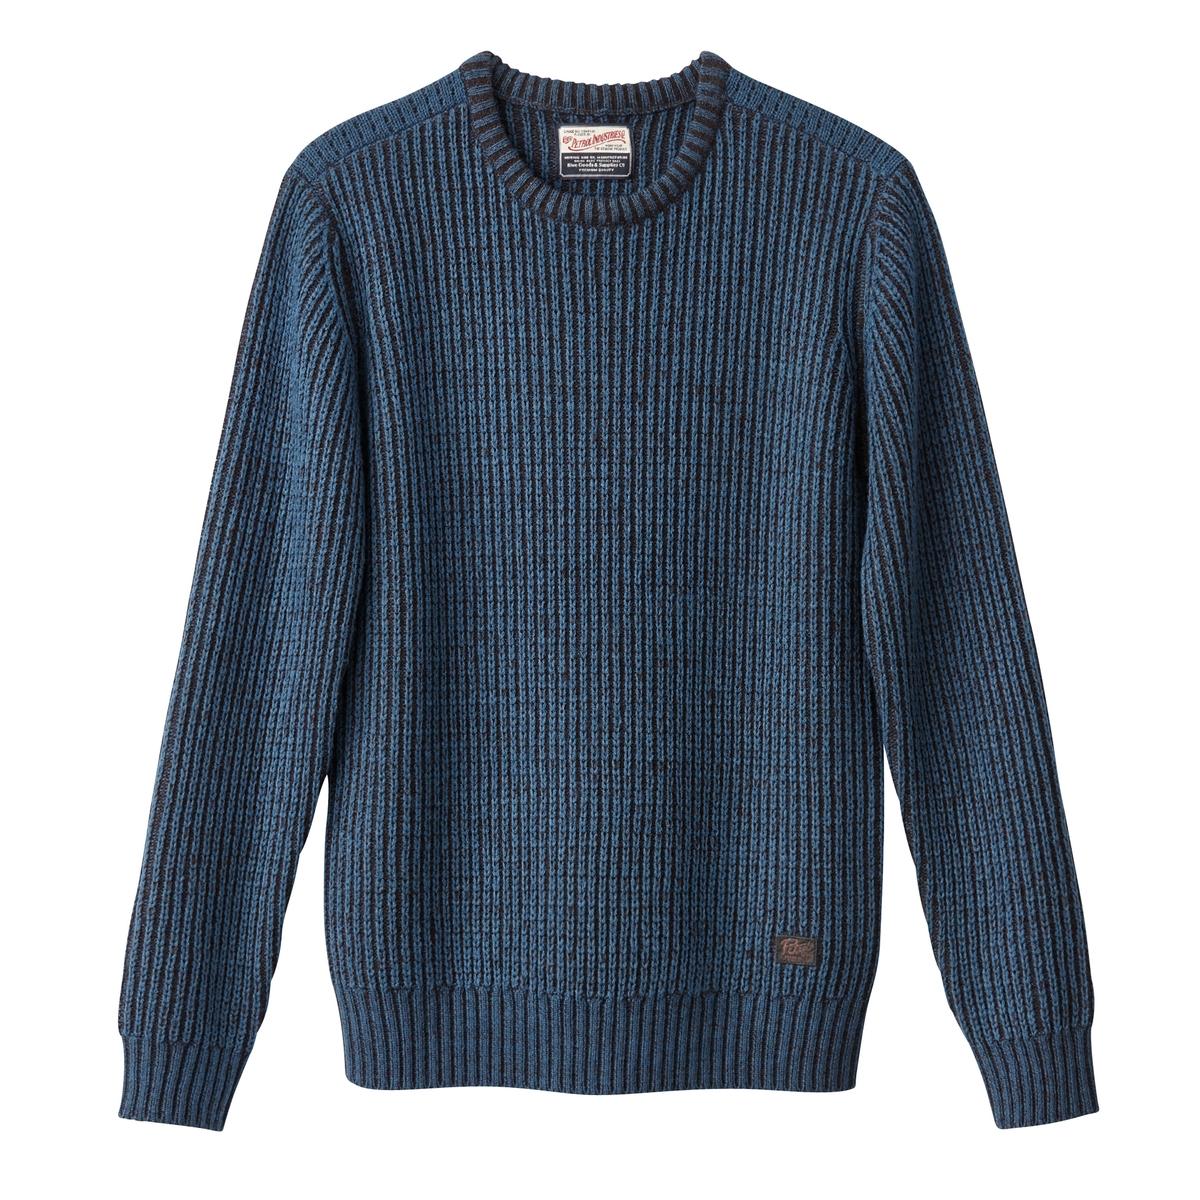 Пуловер крупной вязкиОписание:Детали  •  Длинные рукава  •  Круглый вырез •  Плотный трикотаж Состав и уход  •  15% шерсти, 85% акрила  •  Следуйте советам по уходу, указанным на этикетке<br><br>Цвет: красный/ бордовый,синий<br>Размер: M.XL.S